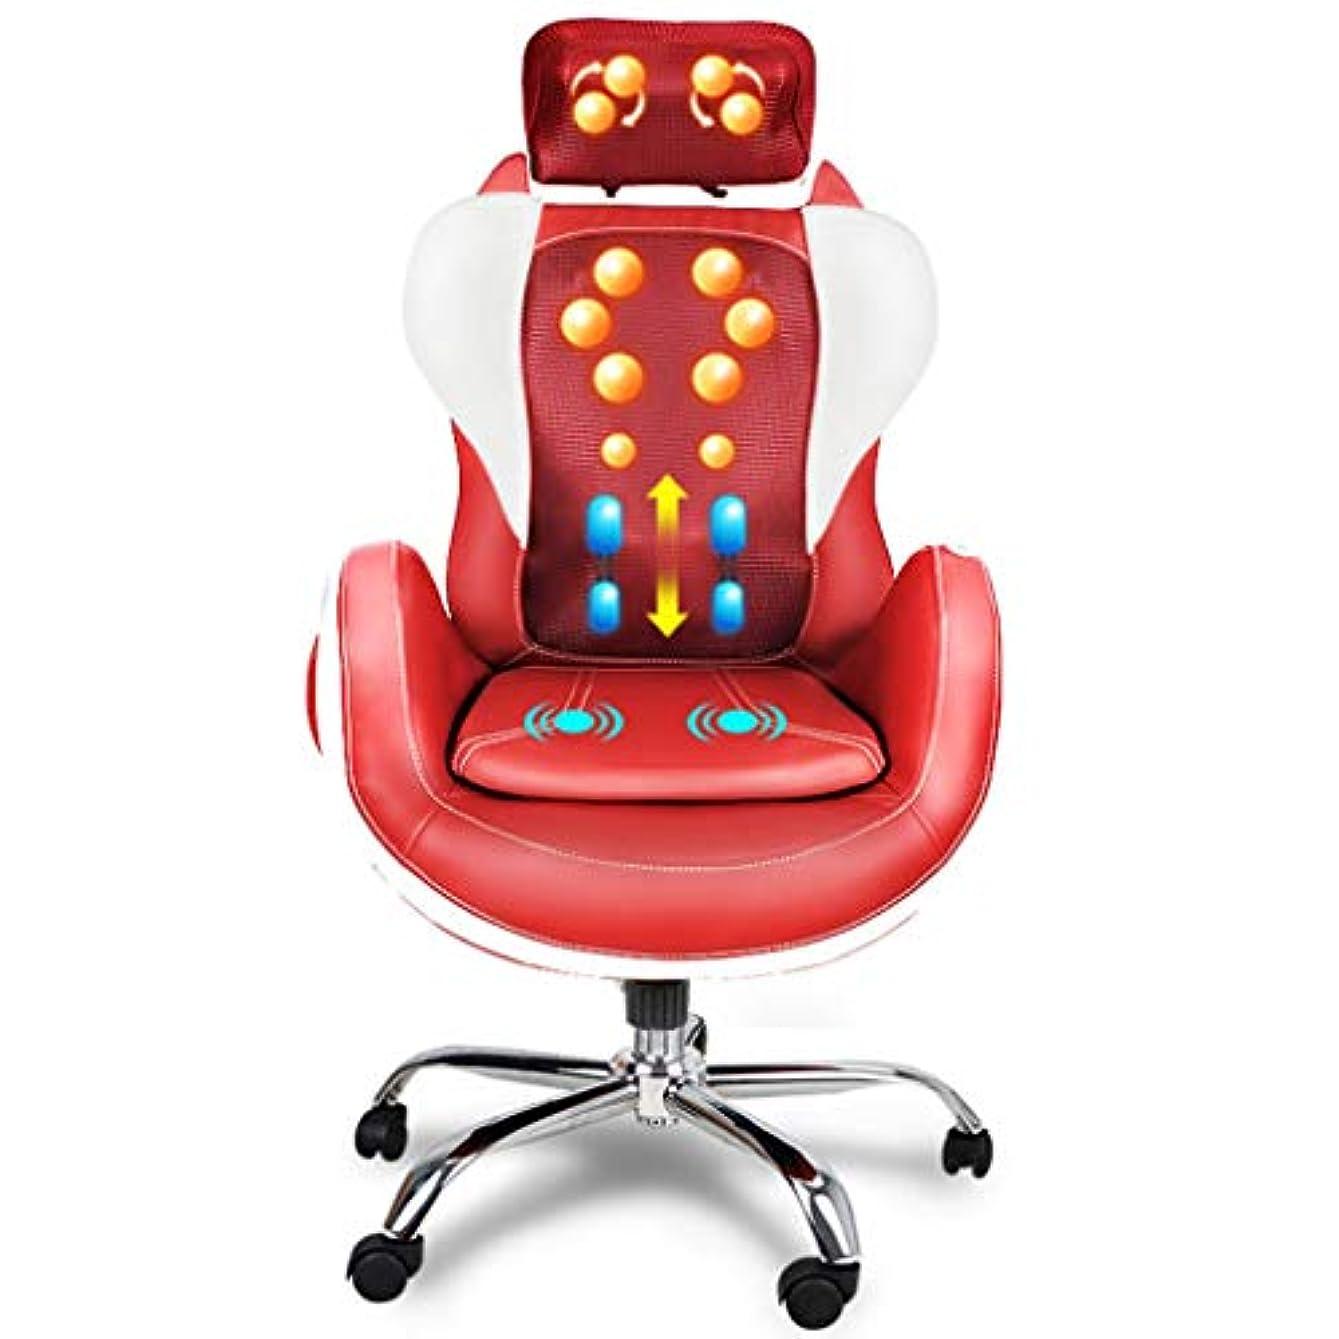 誓う無駄にたらいフル 体 ケア 贅沢な 熱 オフィス Eletric マッサージ 椅子 体 マッサージ 椅子 コンピュータチェア 回転椅子 多機能 マッサージ器。 MAG.AL,Red